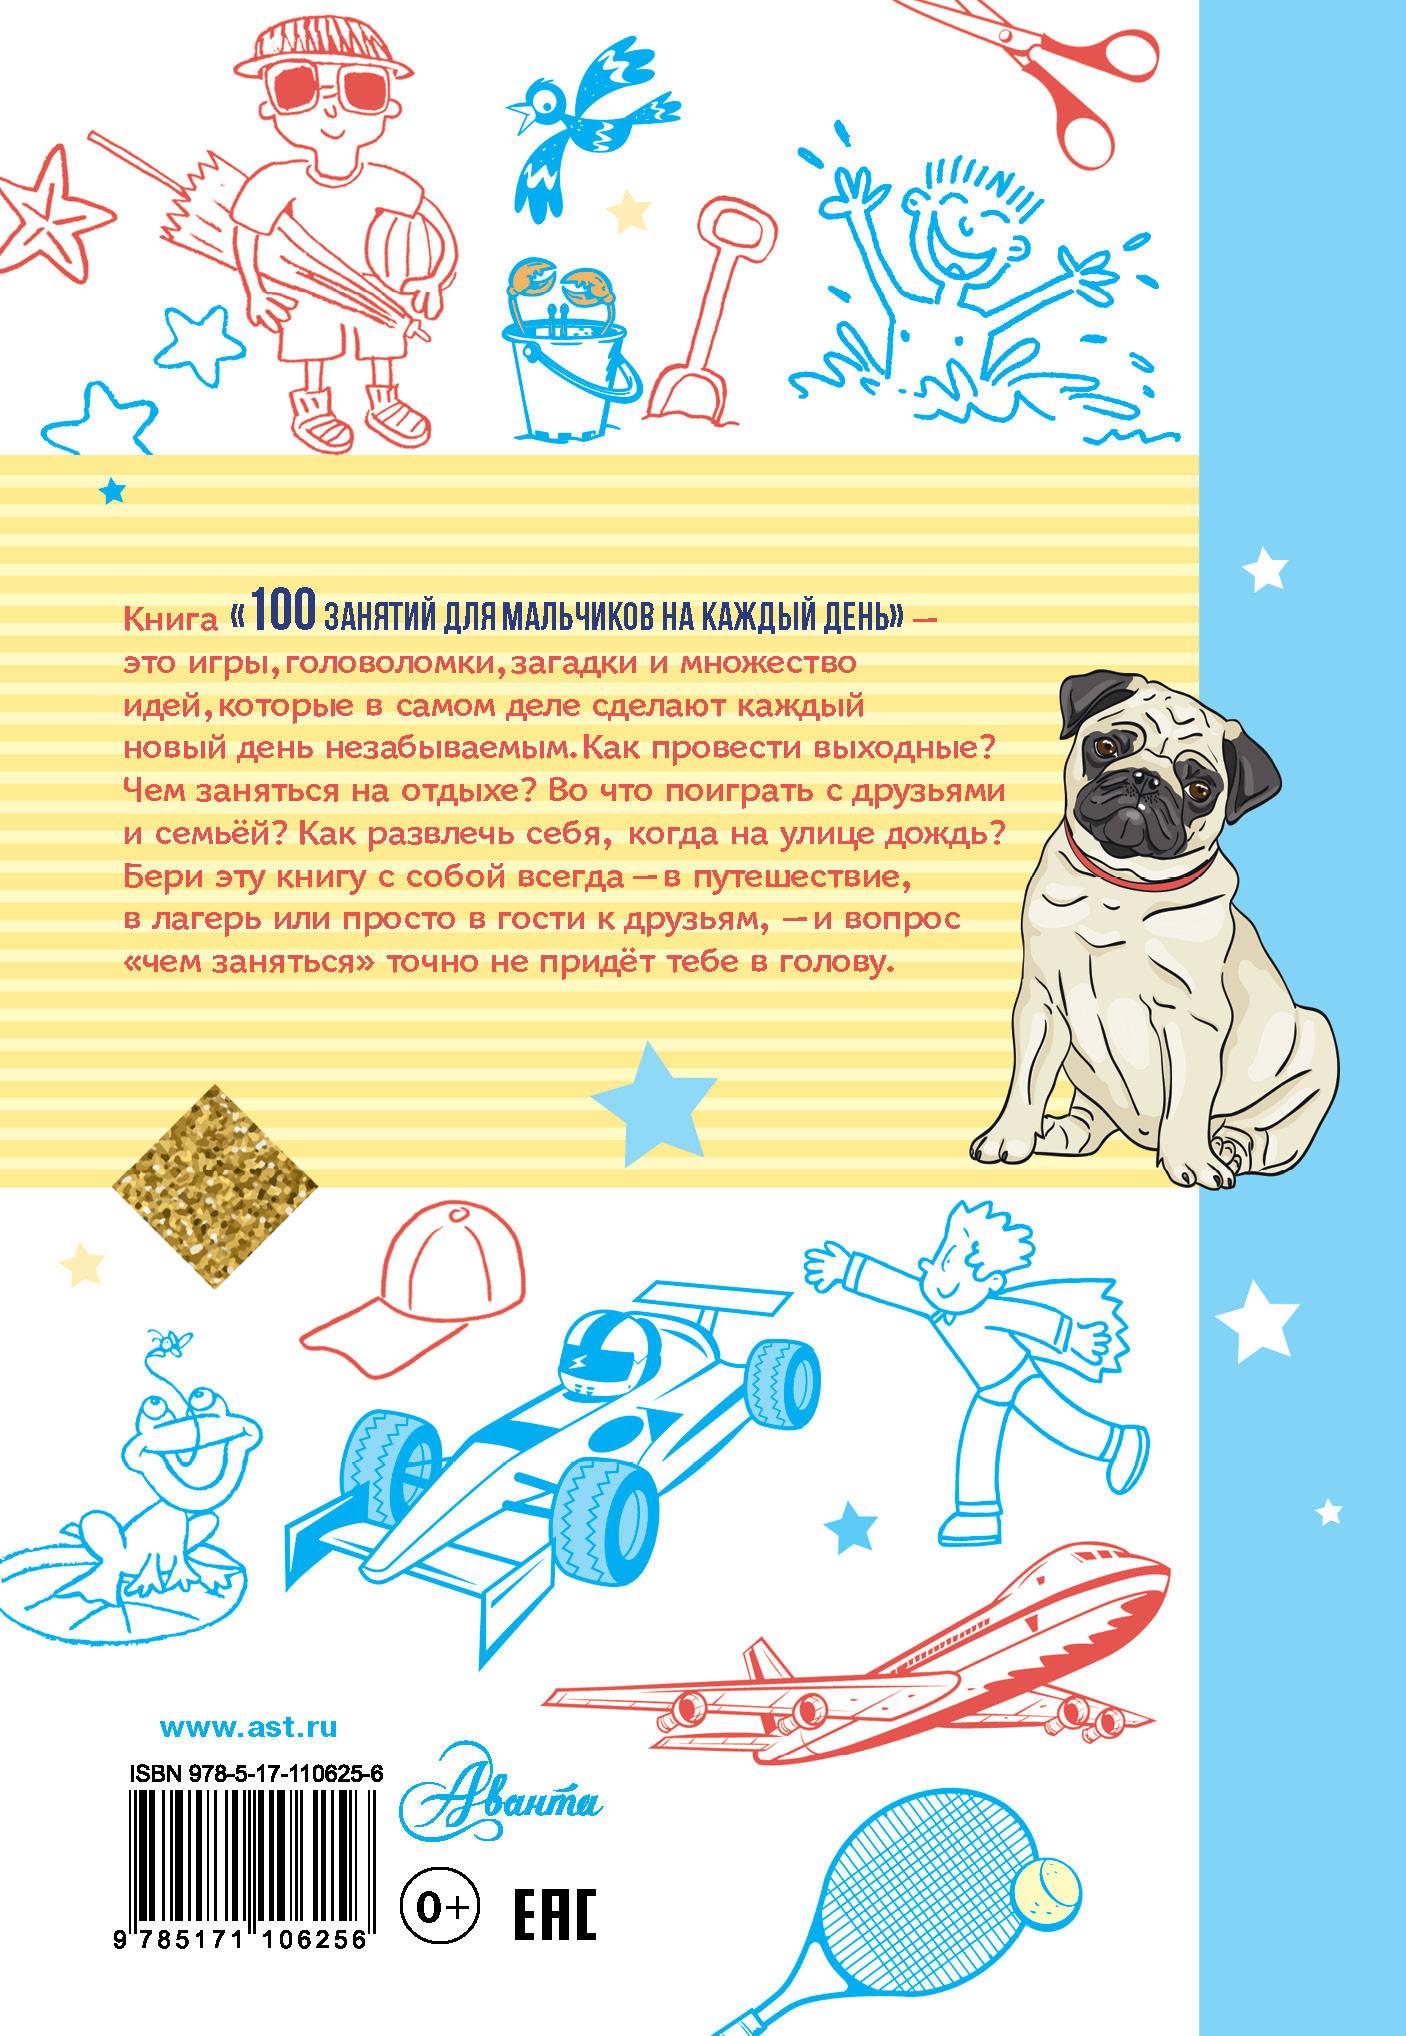 Книга 100 занятий для мальчиков на каждый день. Кэмпбелл Гай, Бейли Эллен